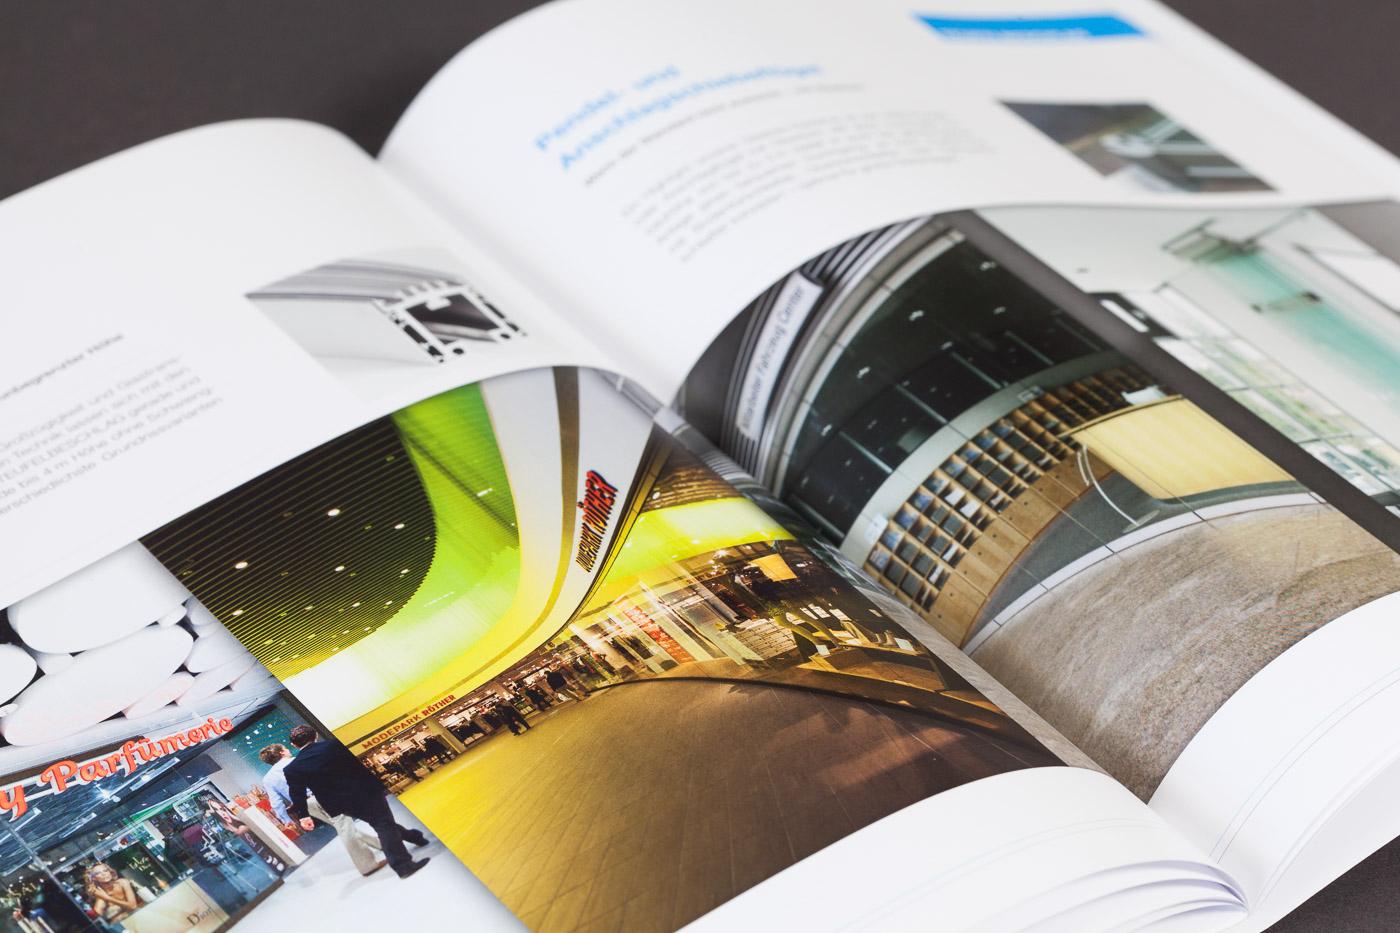 Teufelbeschlag, Broschur, Fotografie, Transparenz, Umschlag